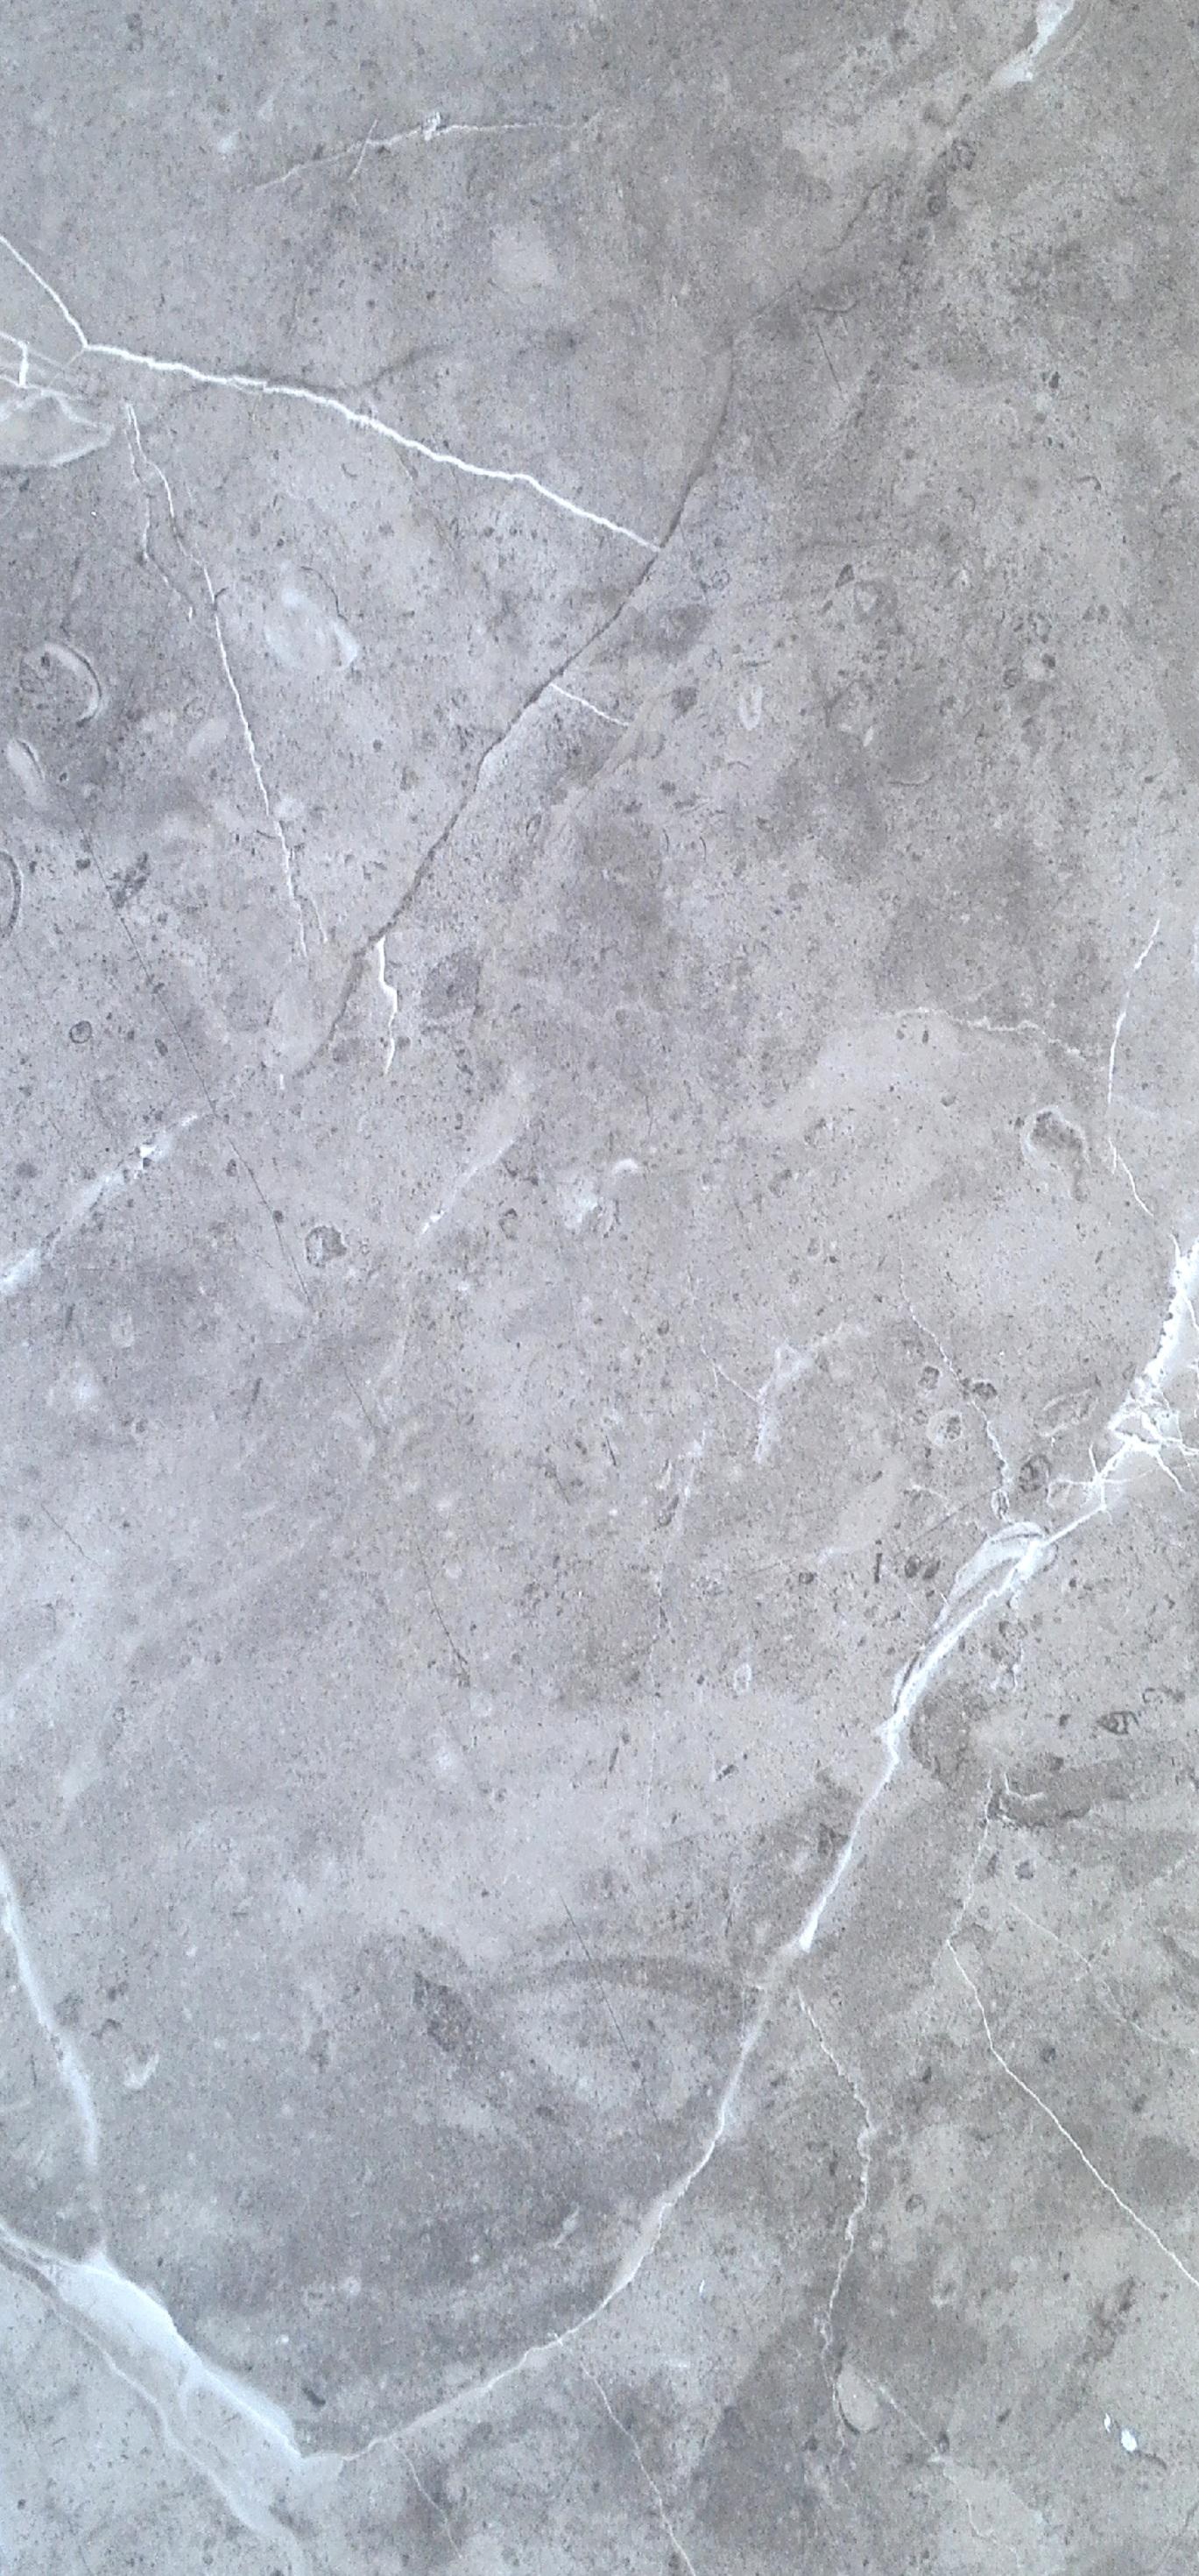 600X300 cucaro brown marble porcelain Image